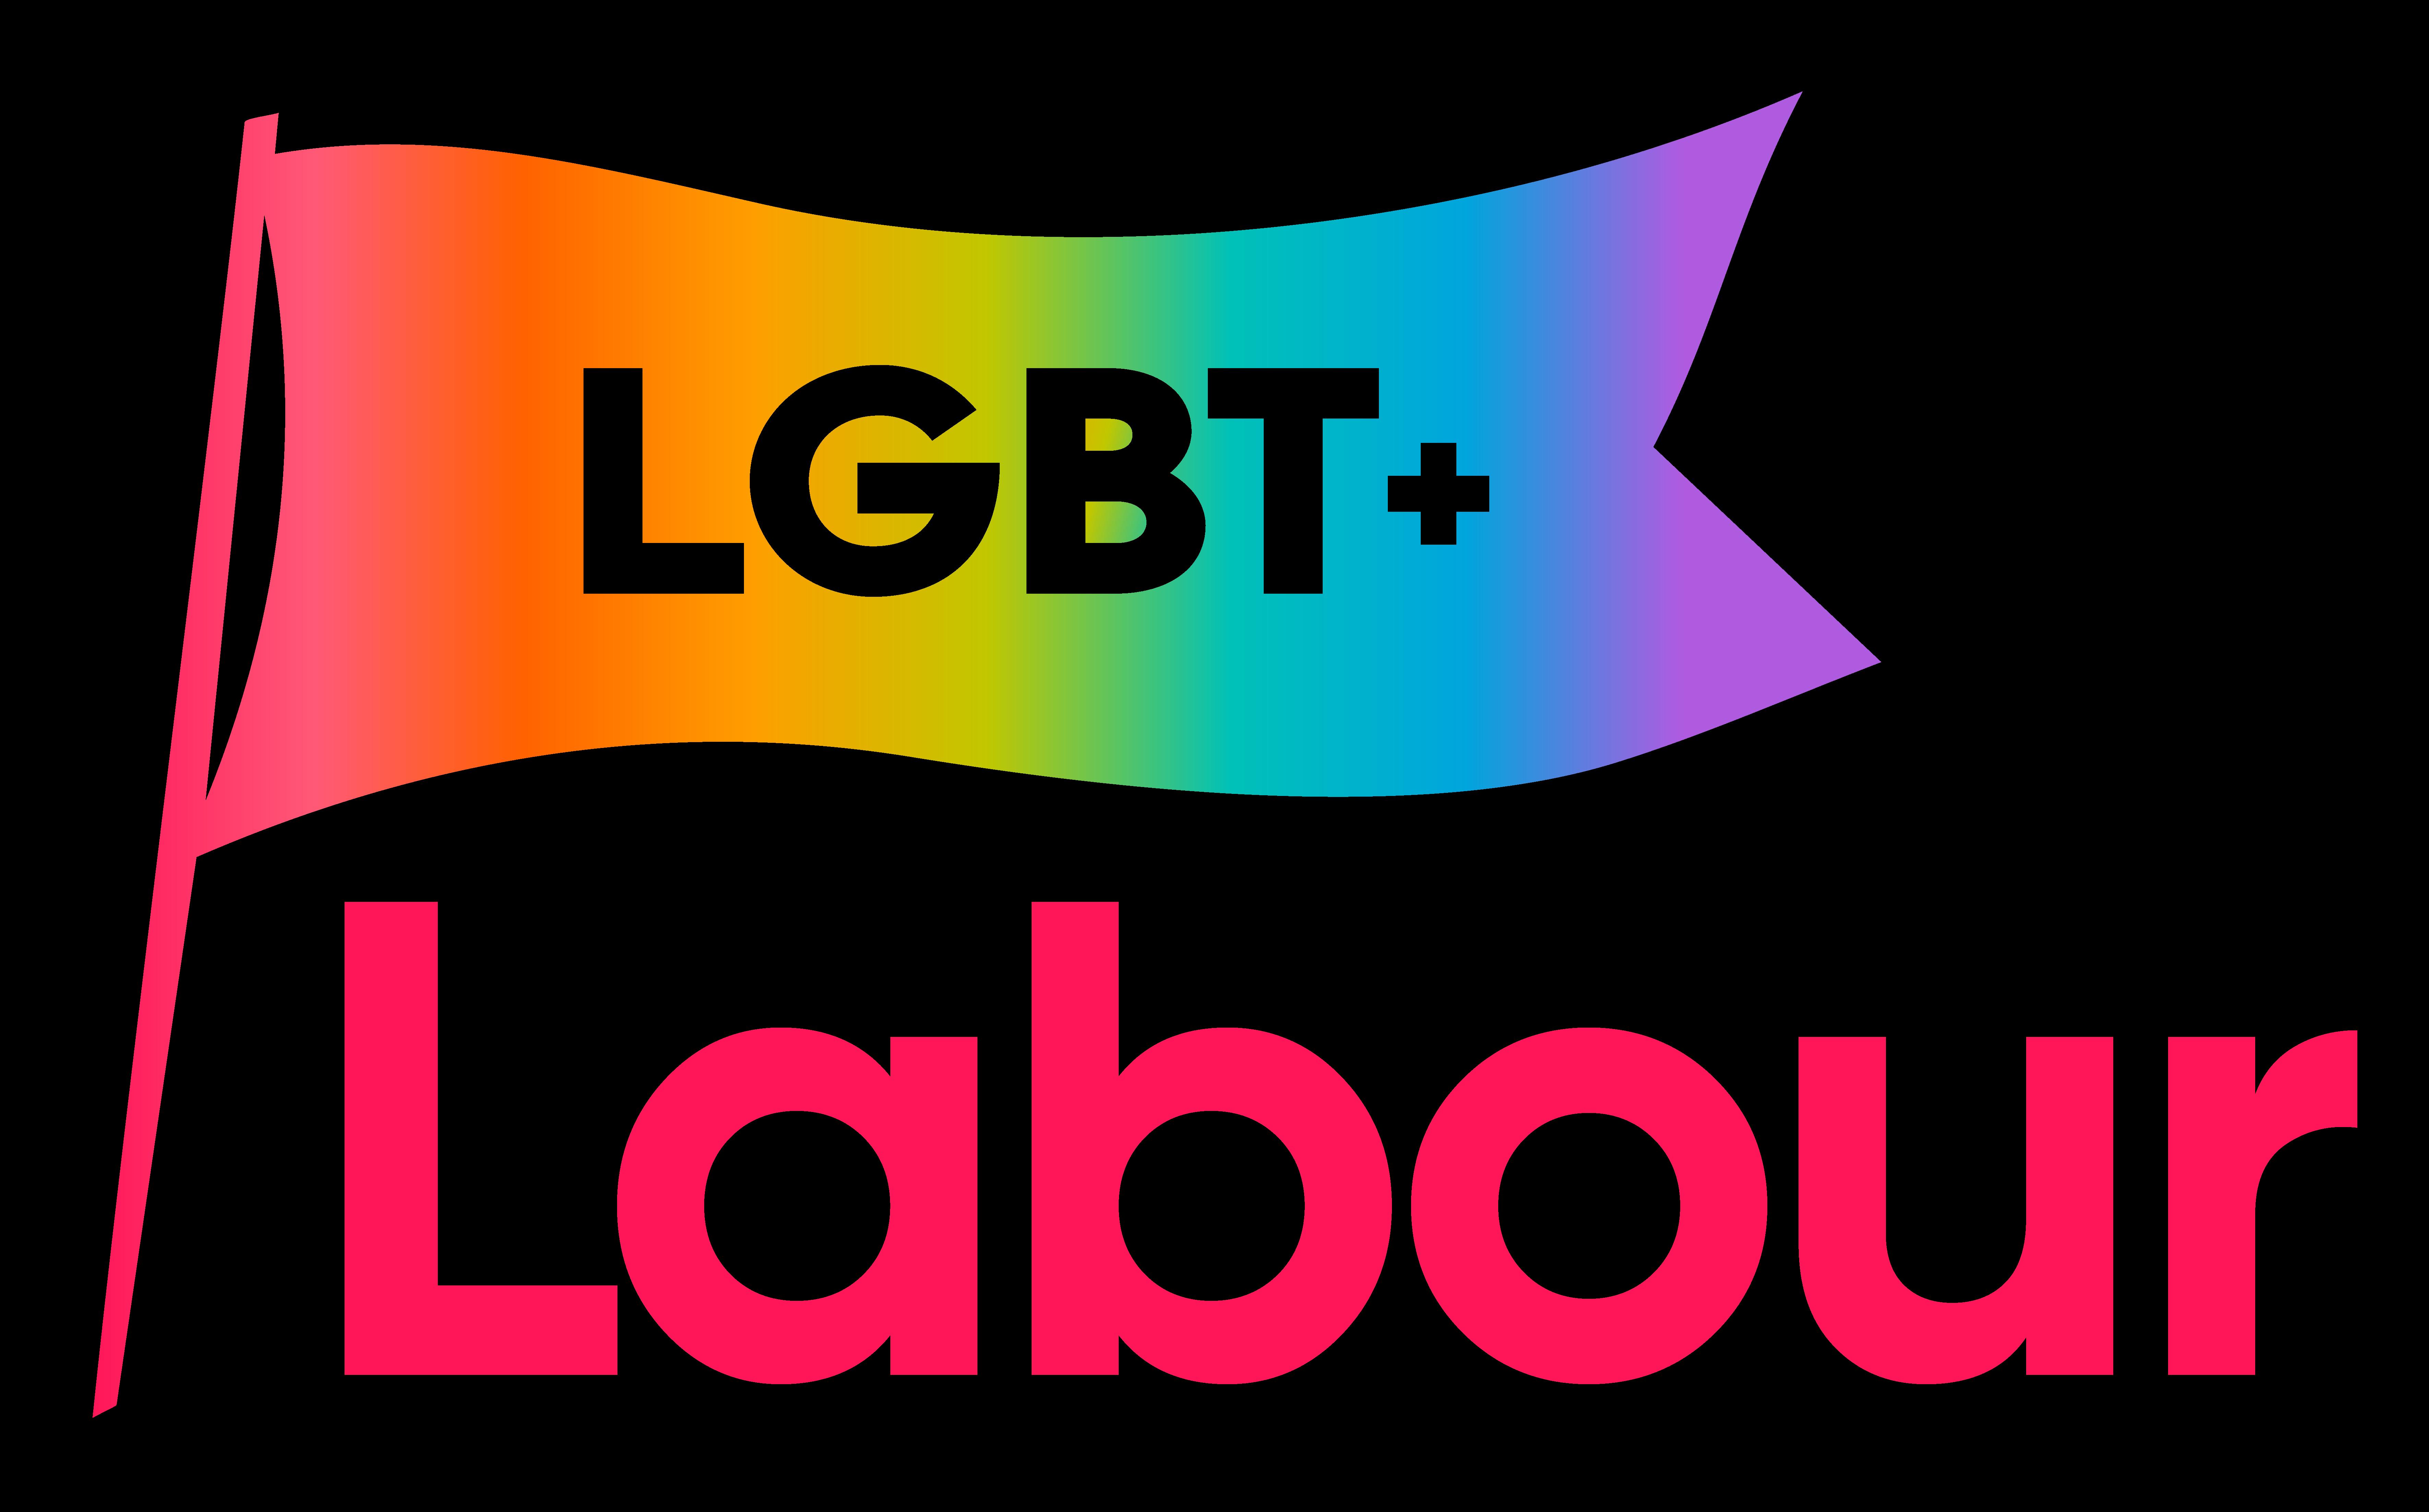 LGBT+ Labour